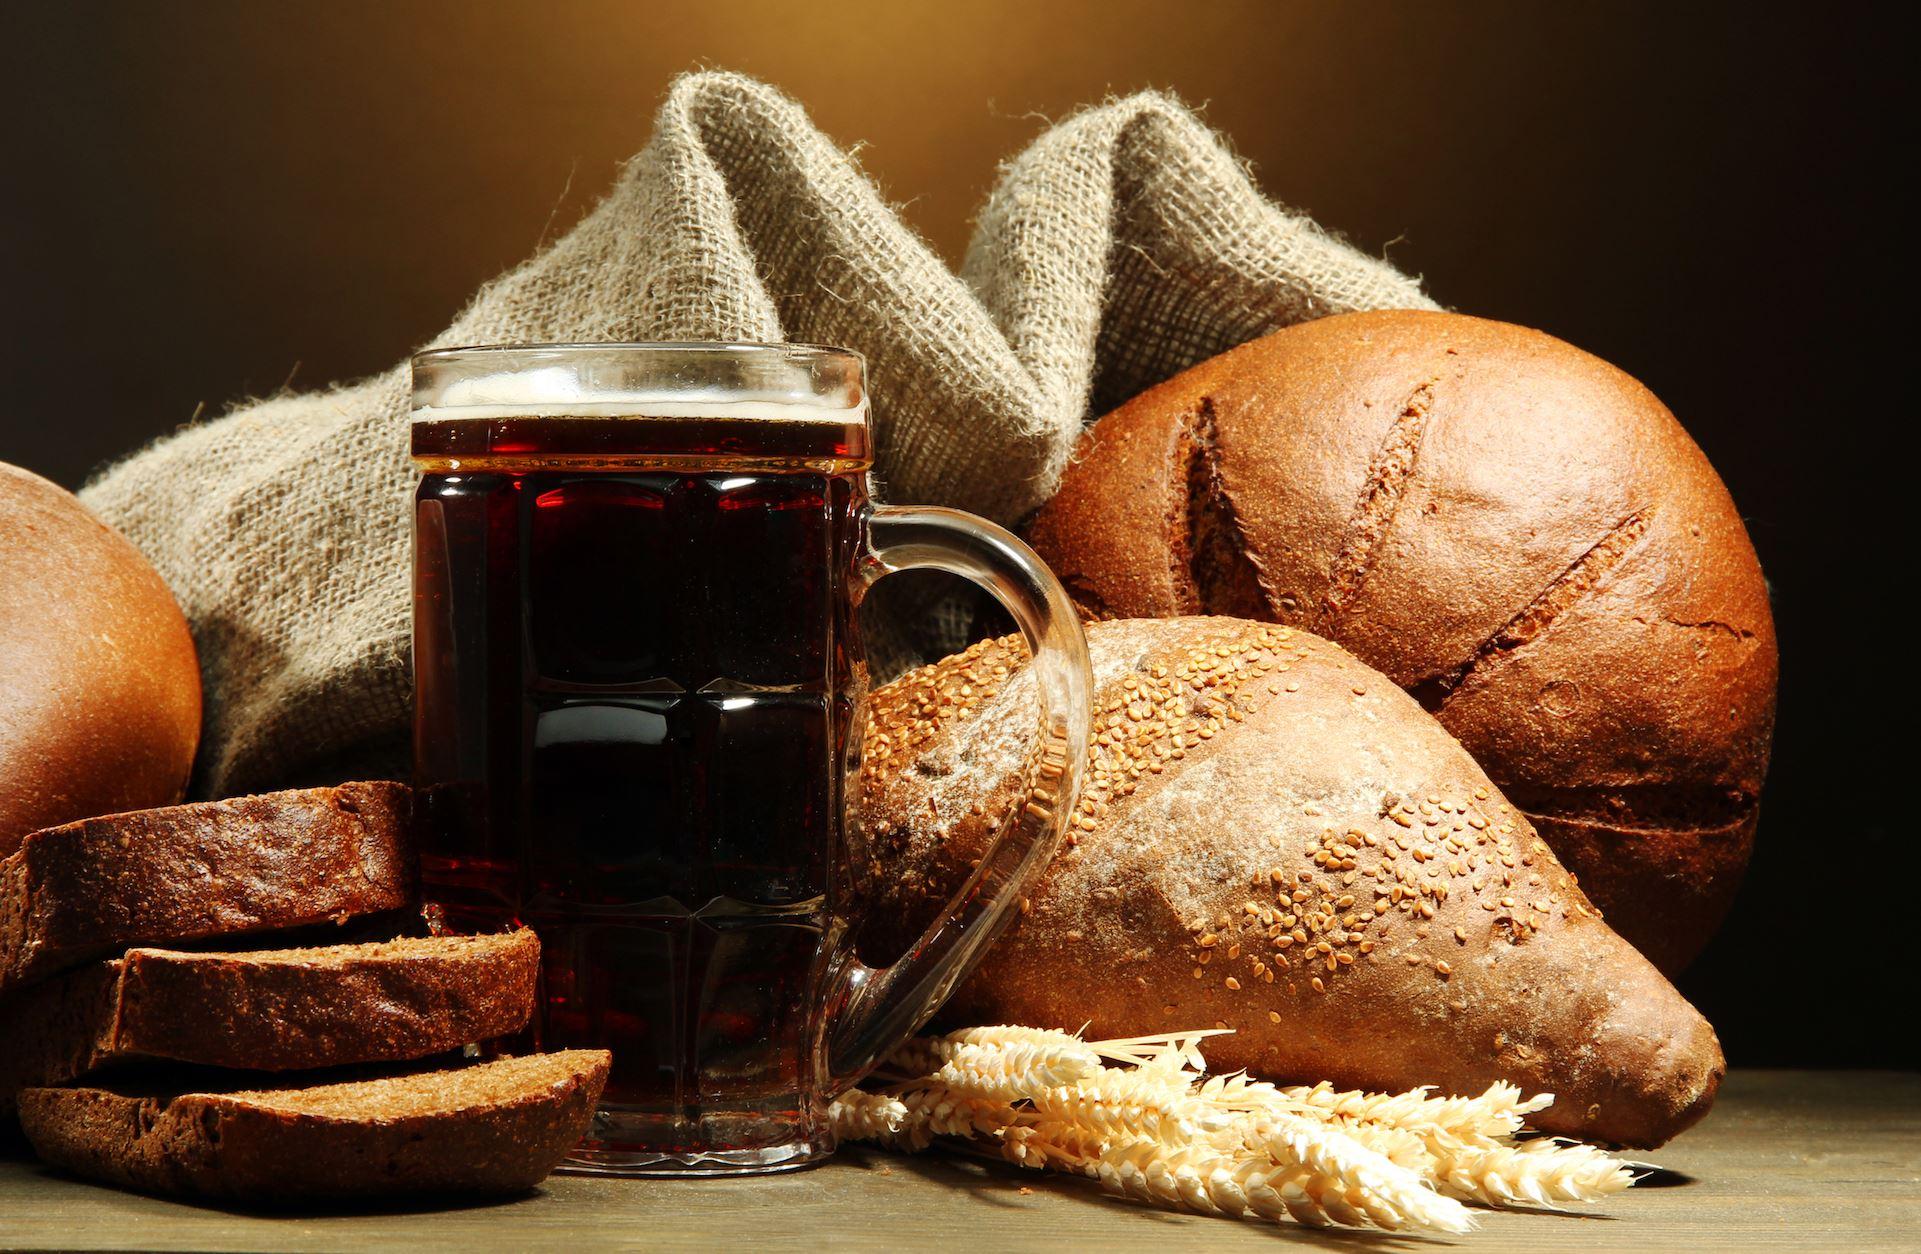 Как готовить квас из хлеба в домашних условиях